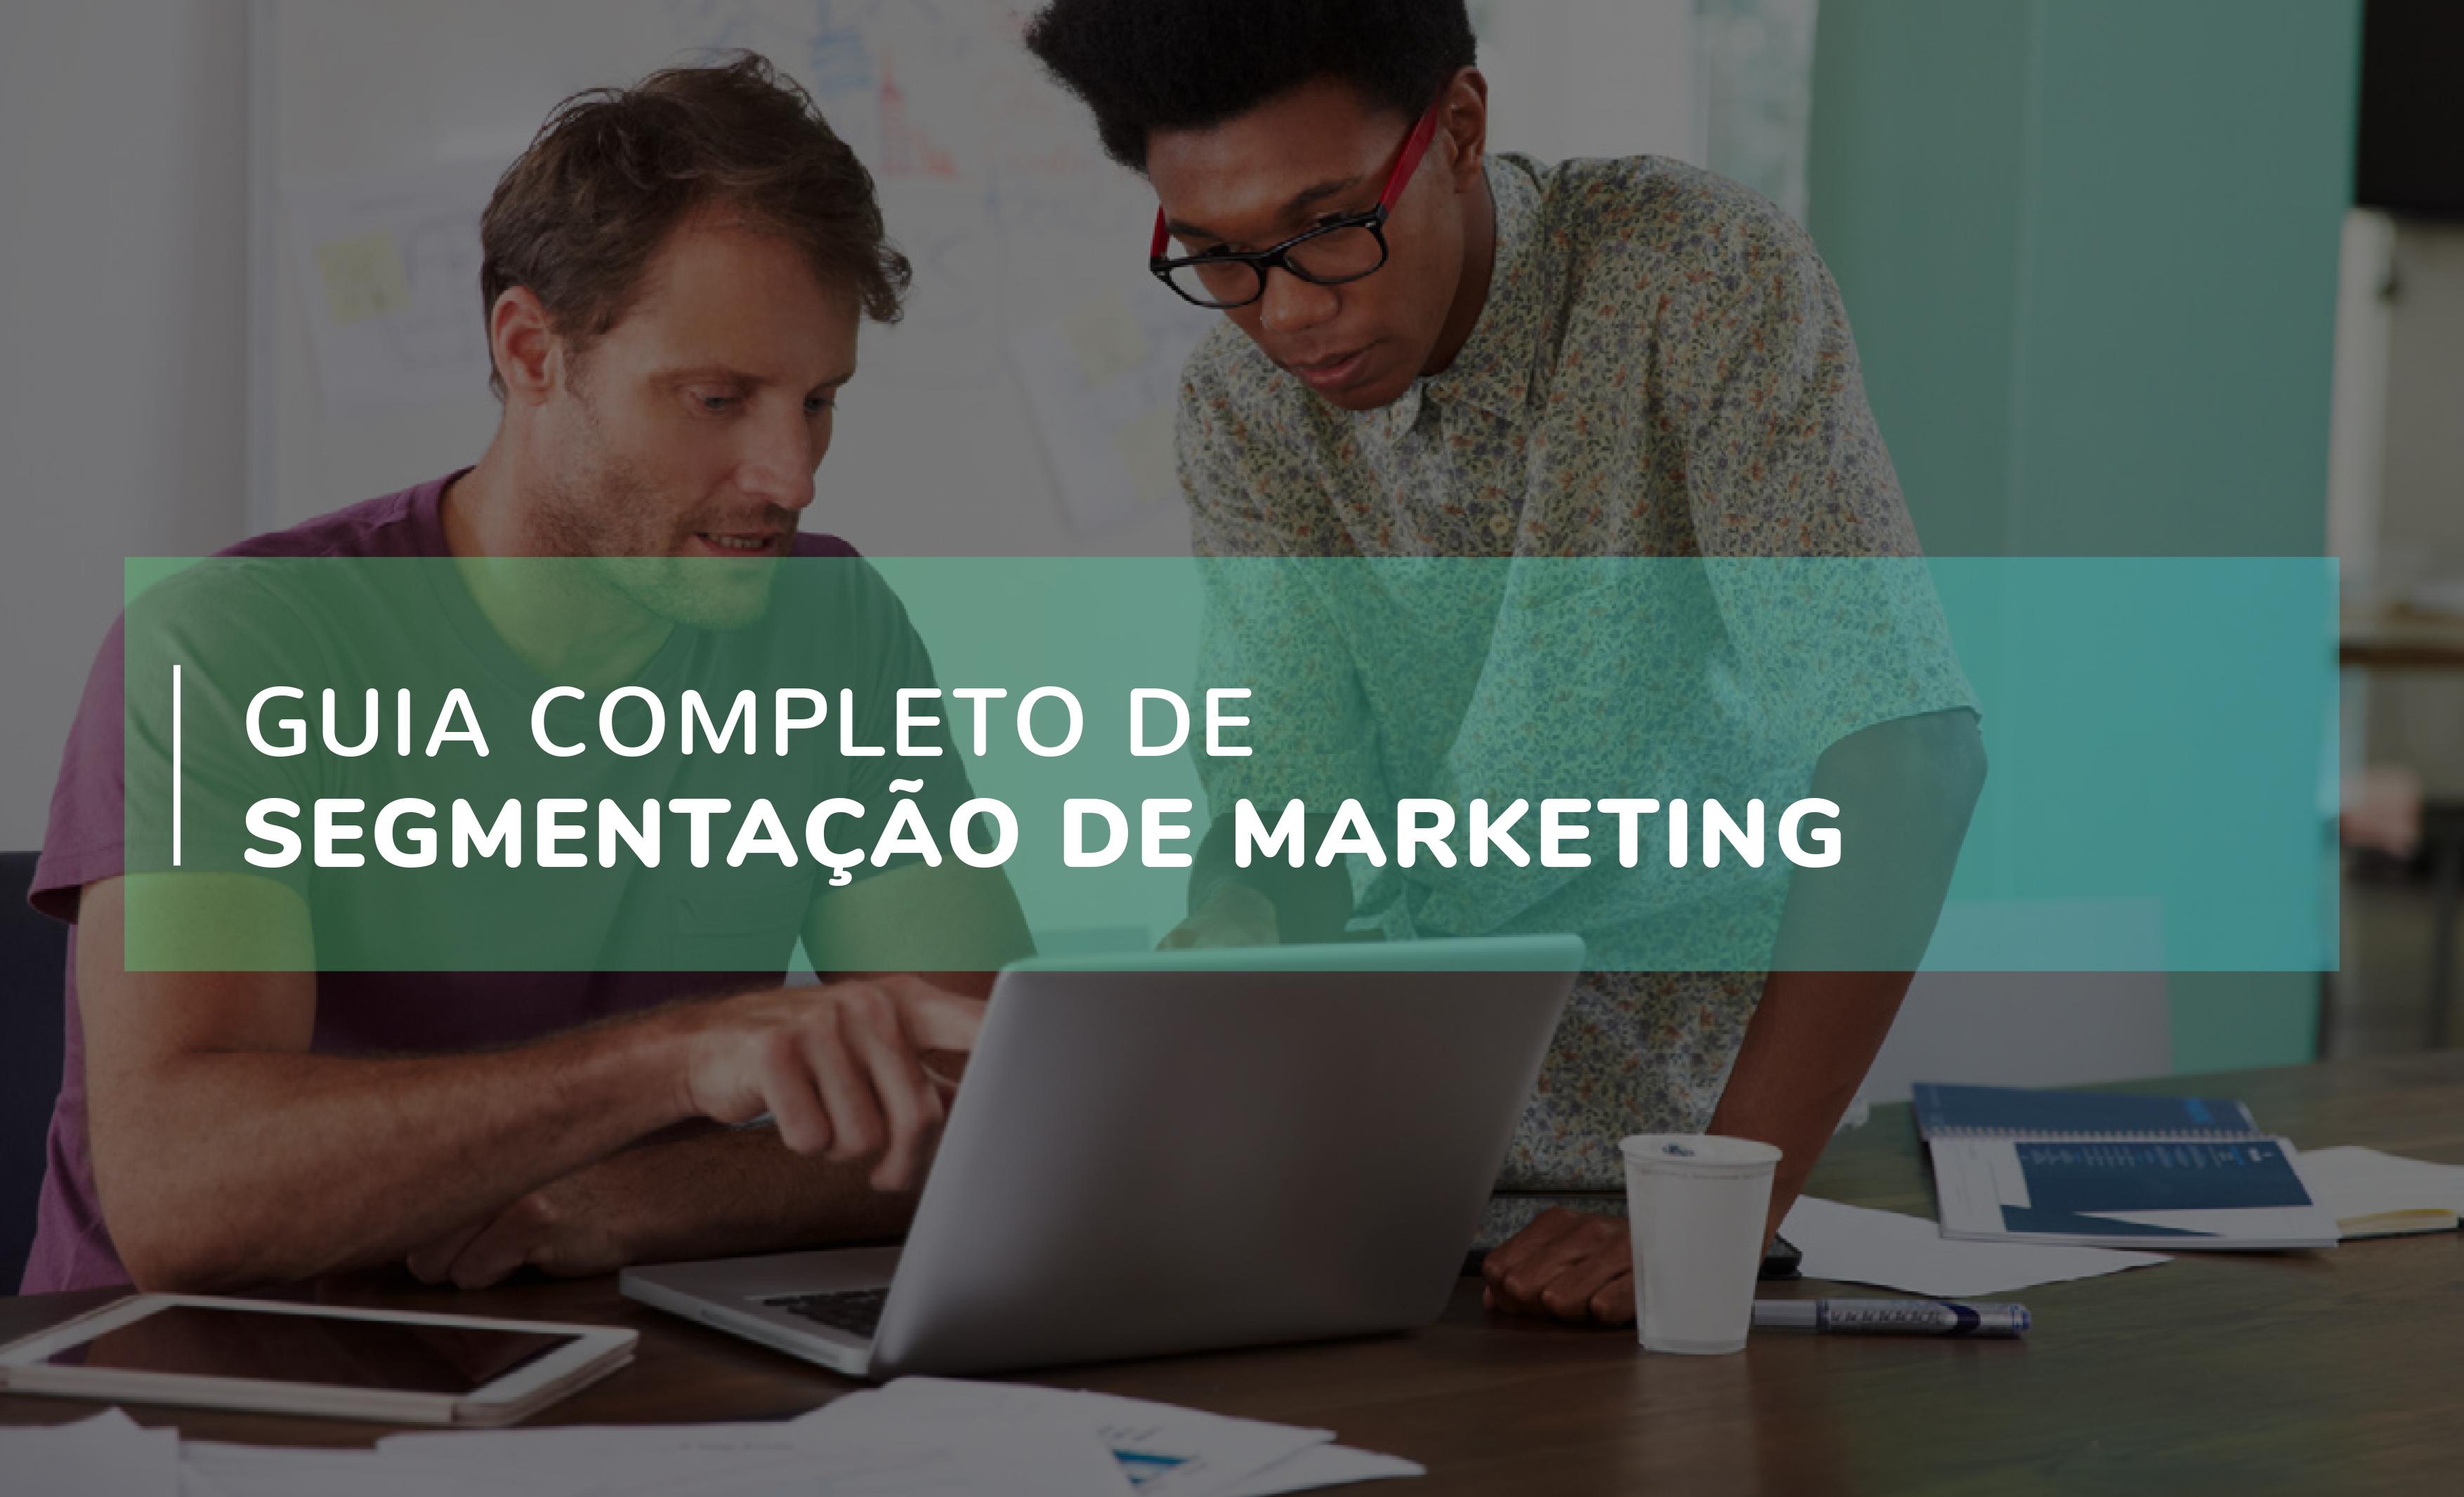 Segmentação de Marketing